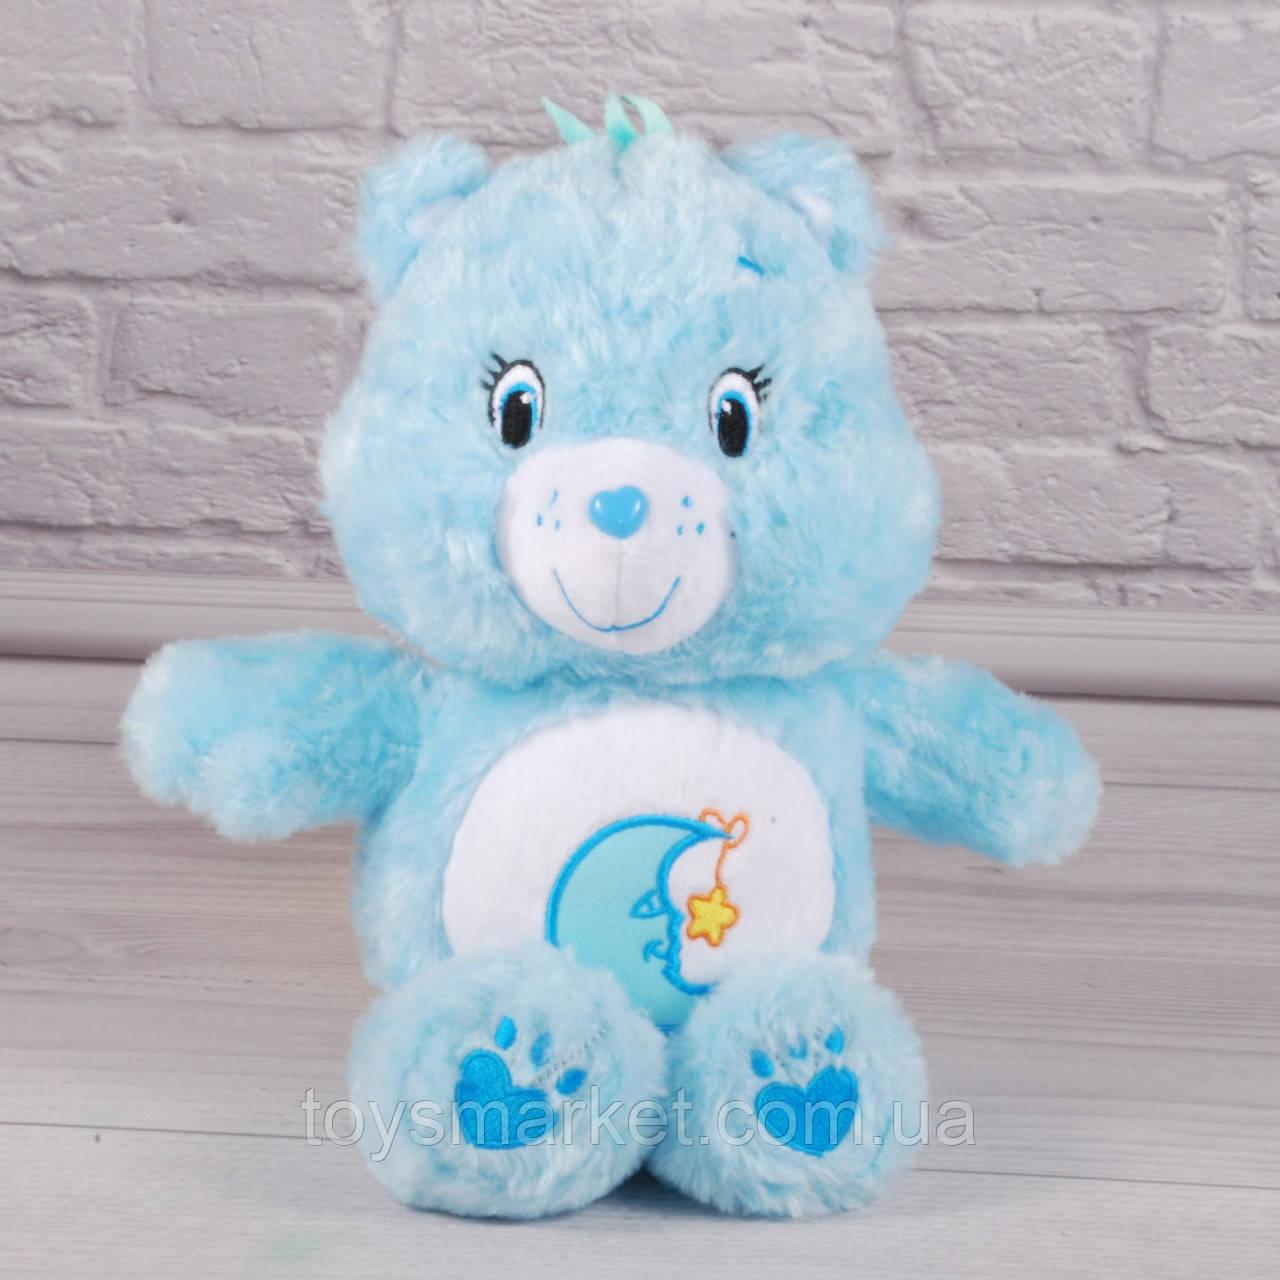 """Плюшевый мишка """"Радуга"""", мягкая игрушка медведь 24 см, плюшевая игрушка медведь"""